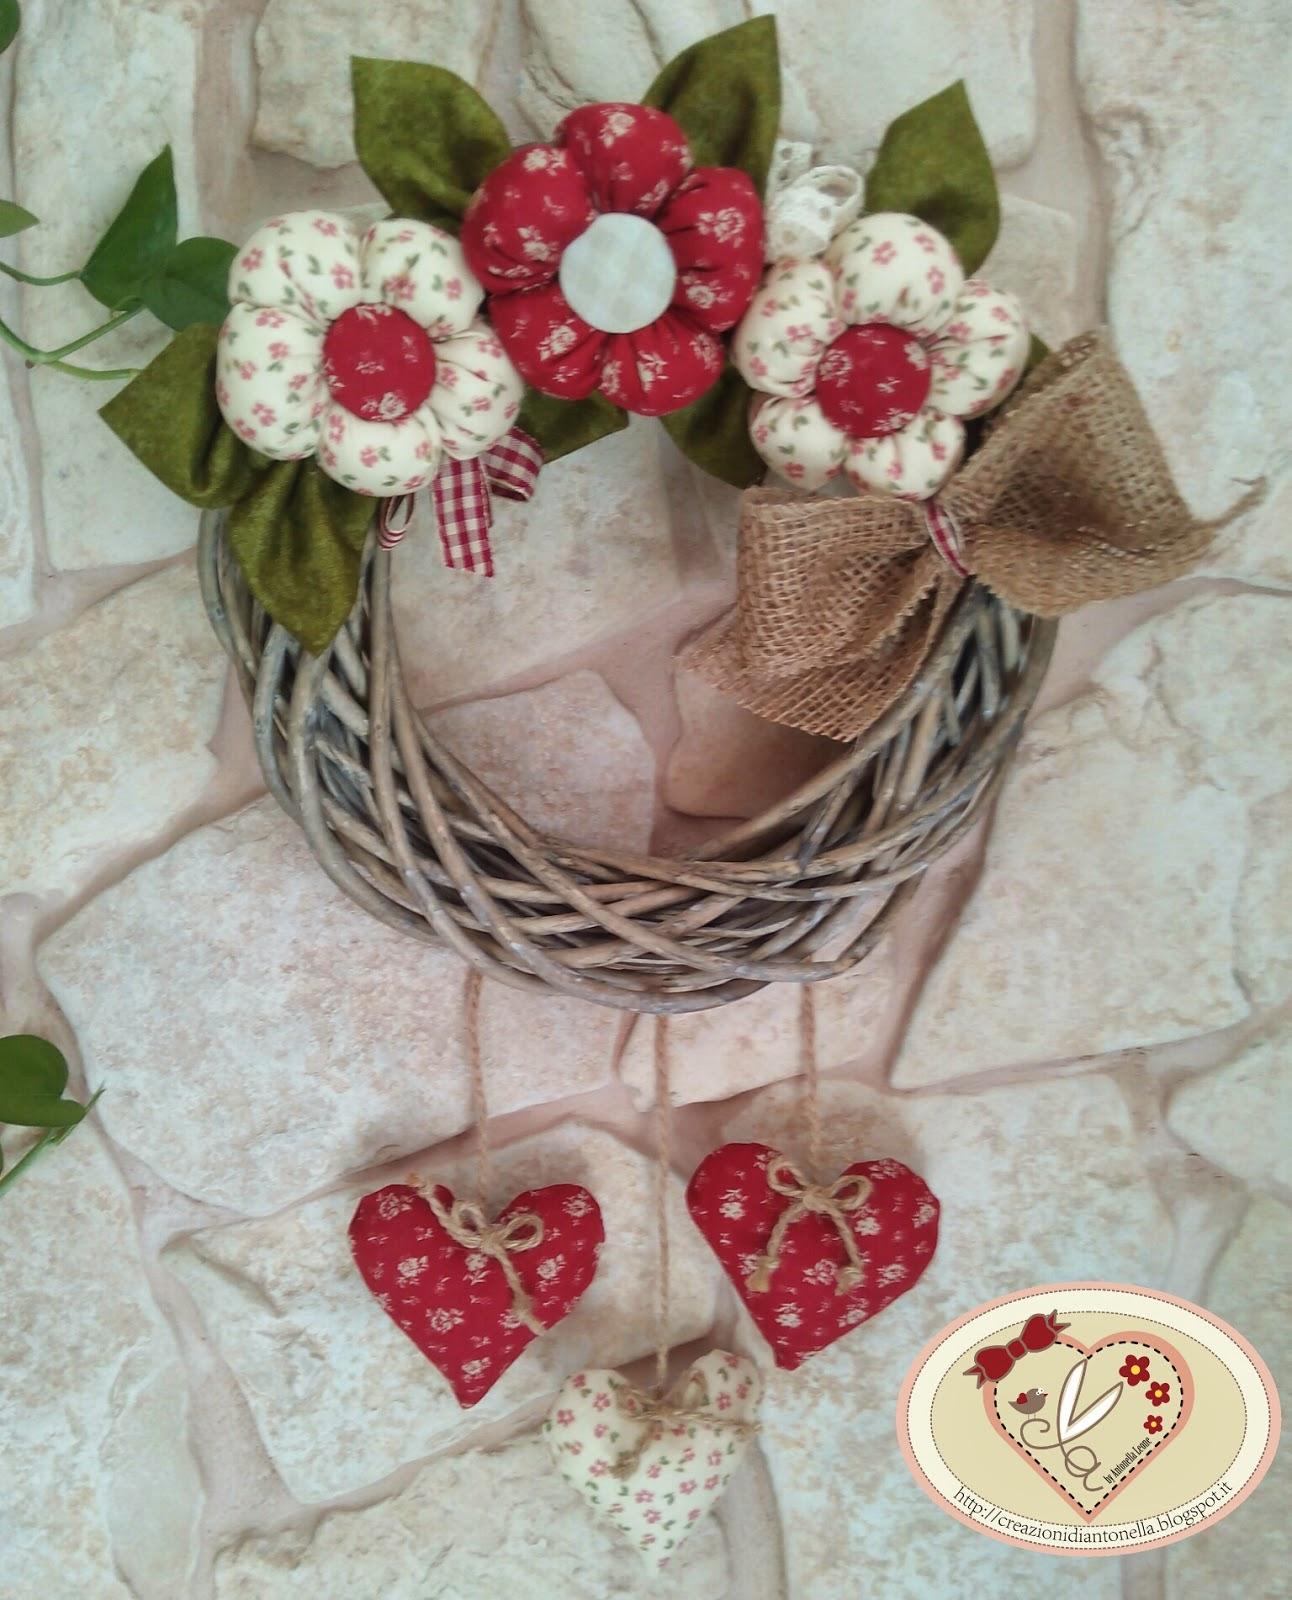 Le creazioni di antonella ghirlanda con cuori e fiori - Decorazioni natalizie country fai da te ...